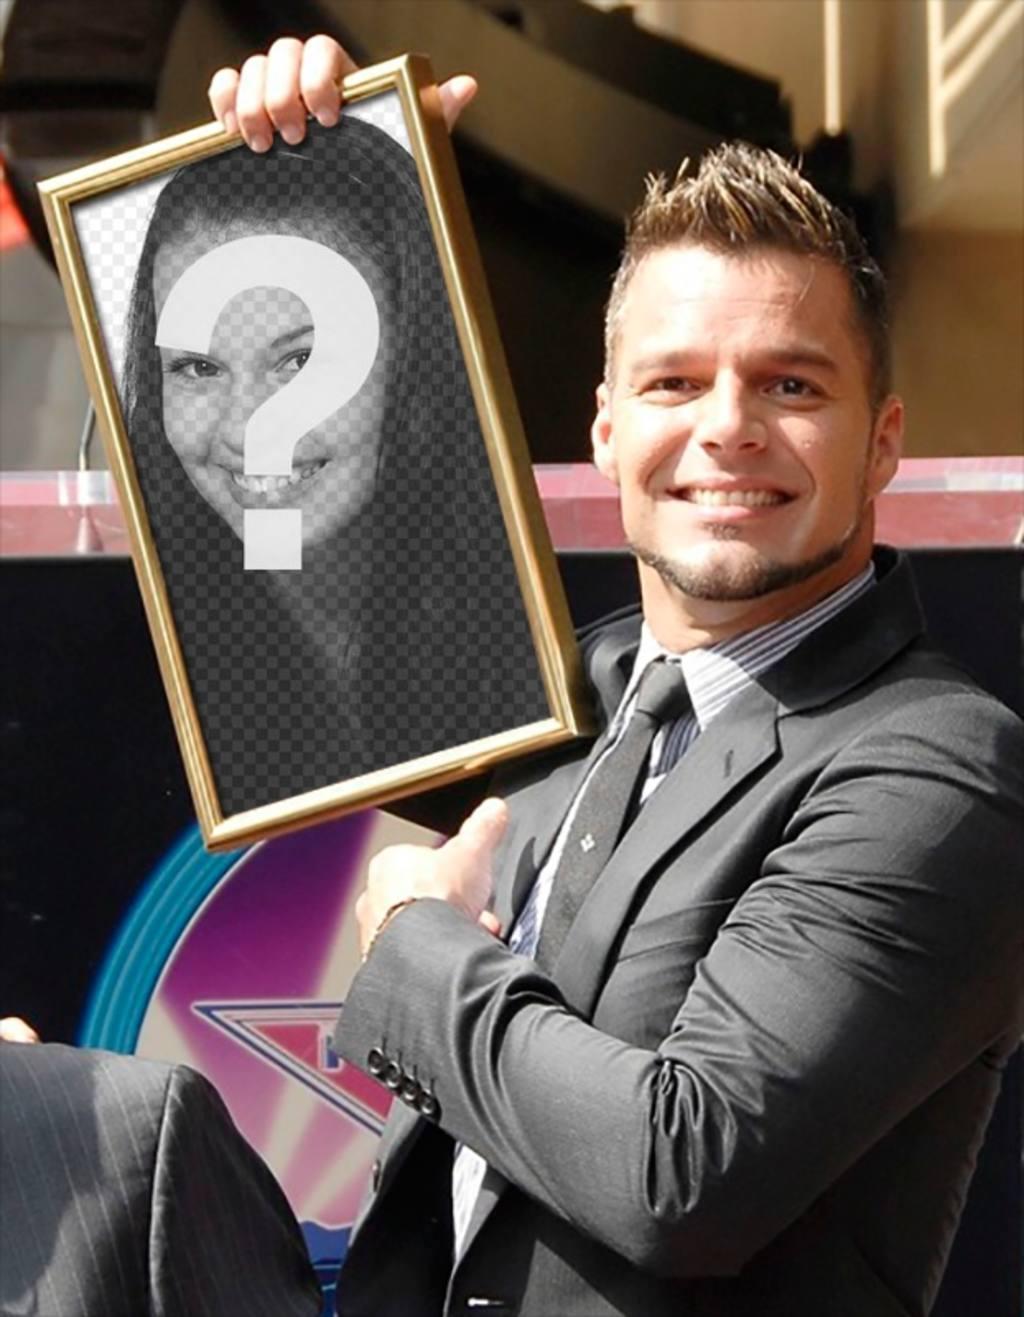 Montagem com Ricky Martin para aparecer em sua mesa